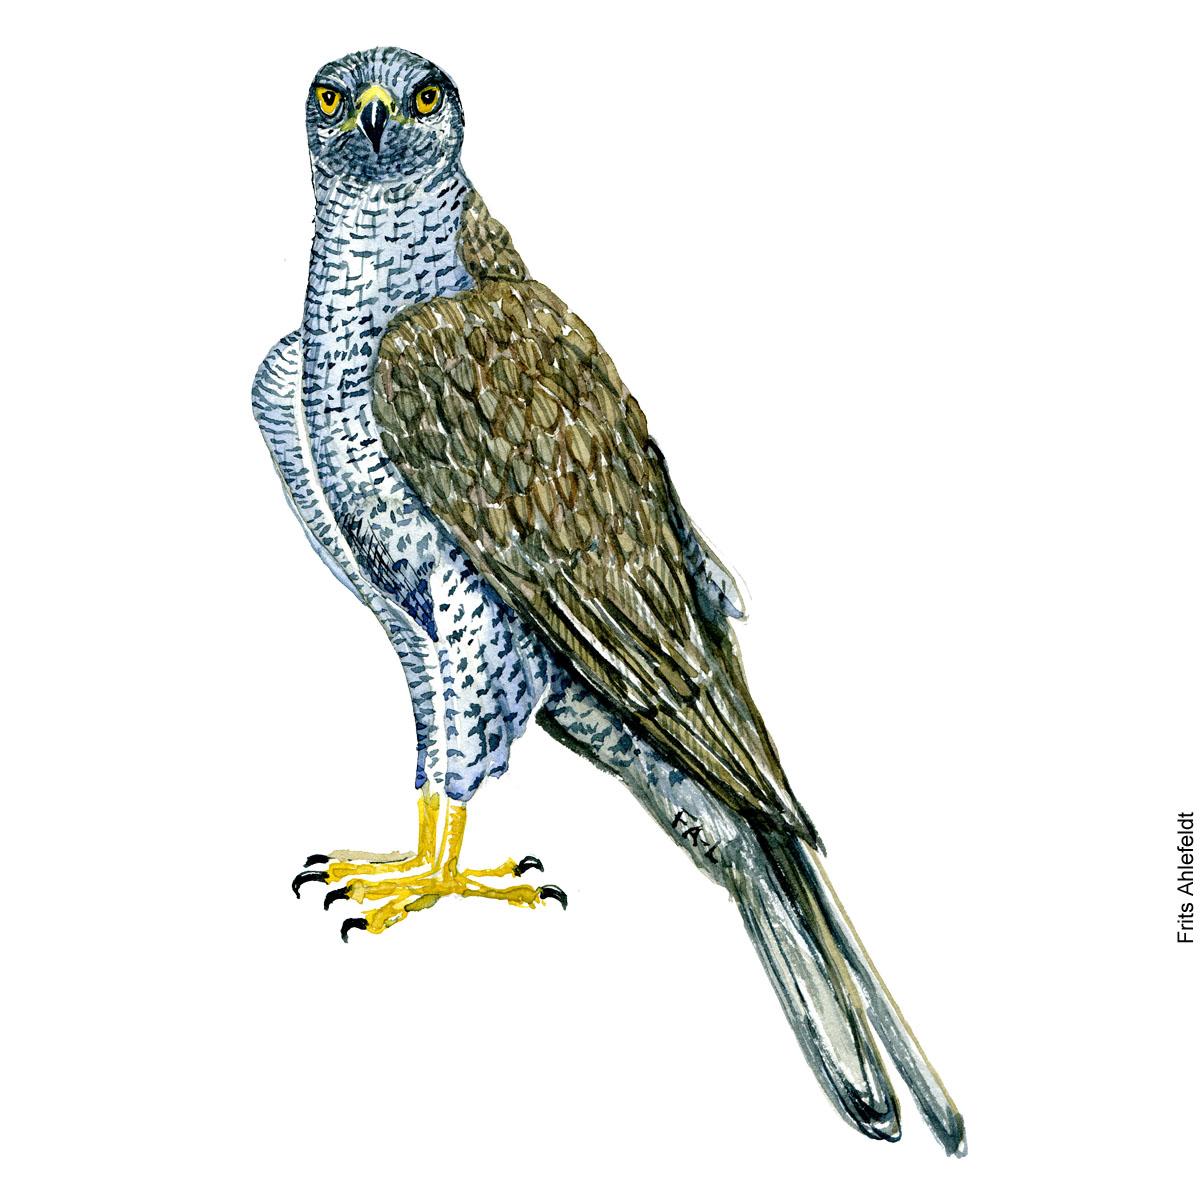 Duehøg - Northern goshawk raptor watercolor. Akvarel af Frits Ahlefeldt